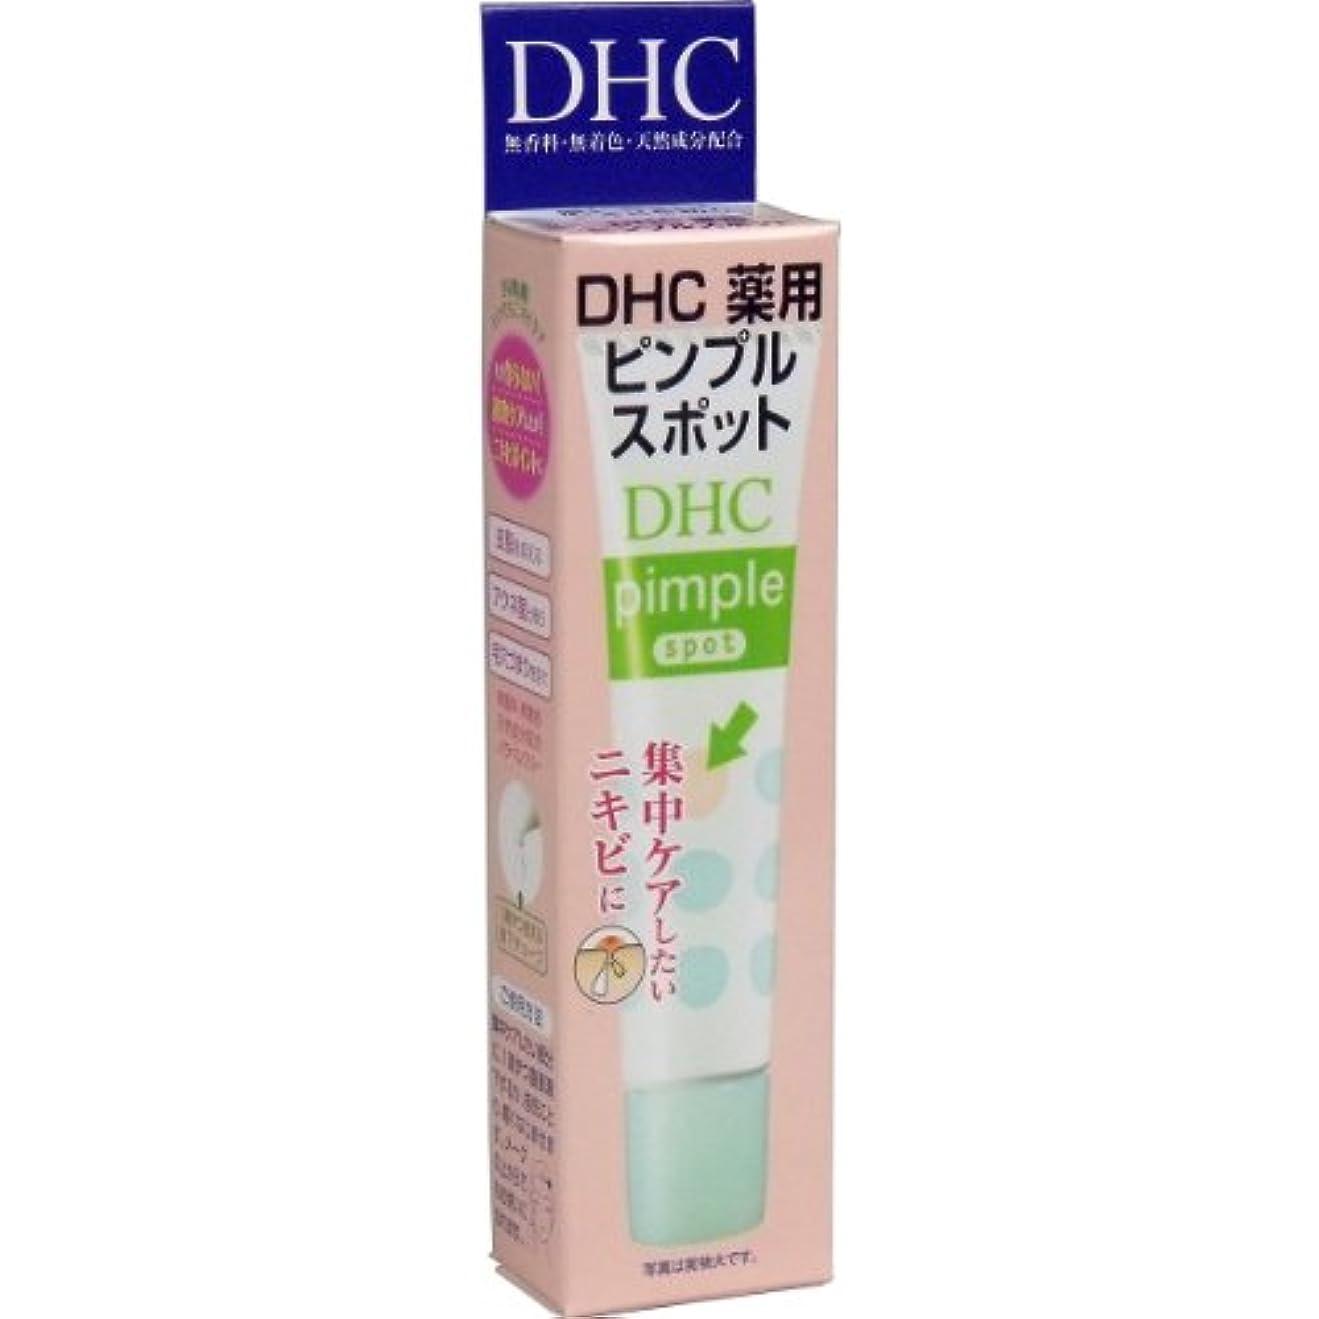 適合尽きる除外する【DHC】DHC 薬用ピンプルスポット 15ml ×10個セット